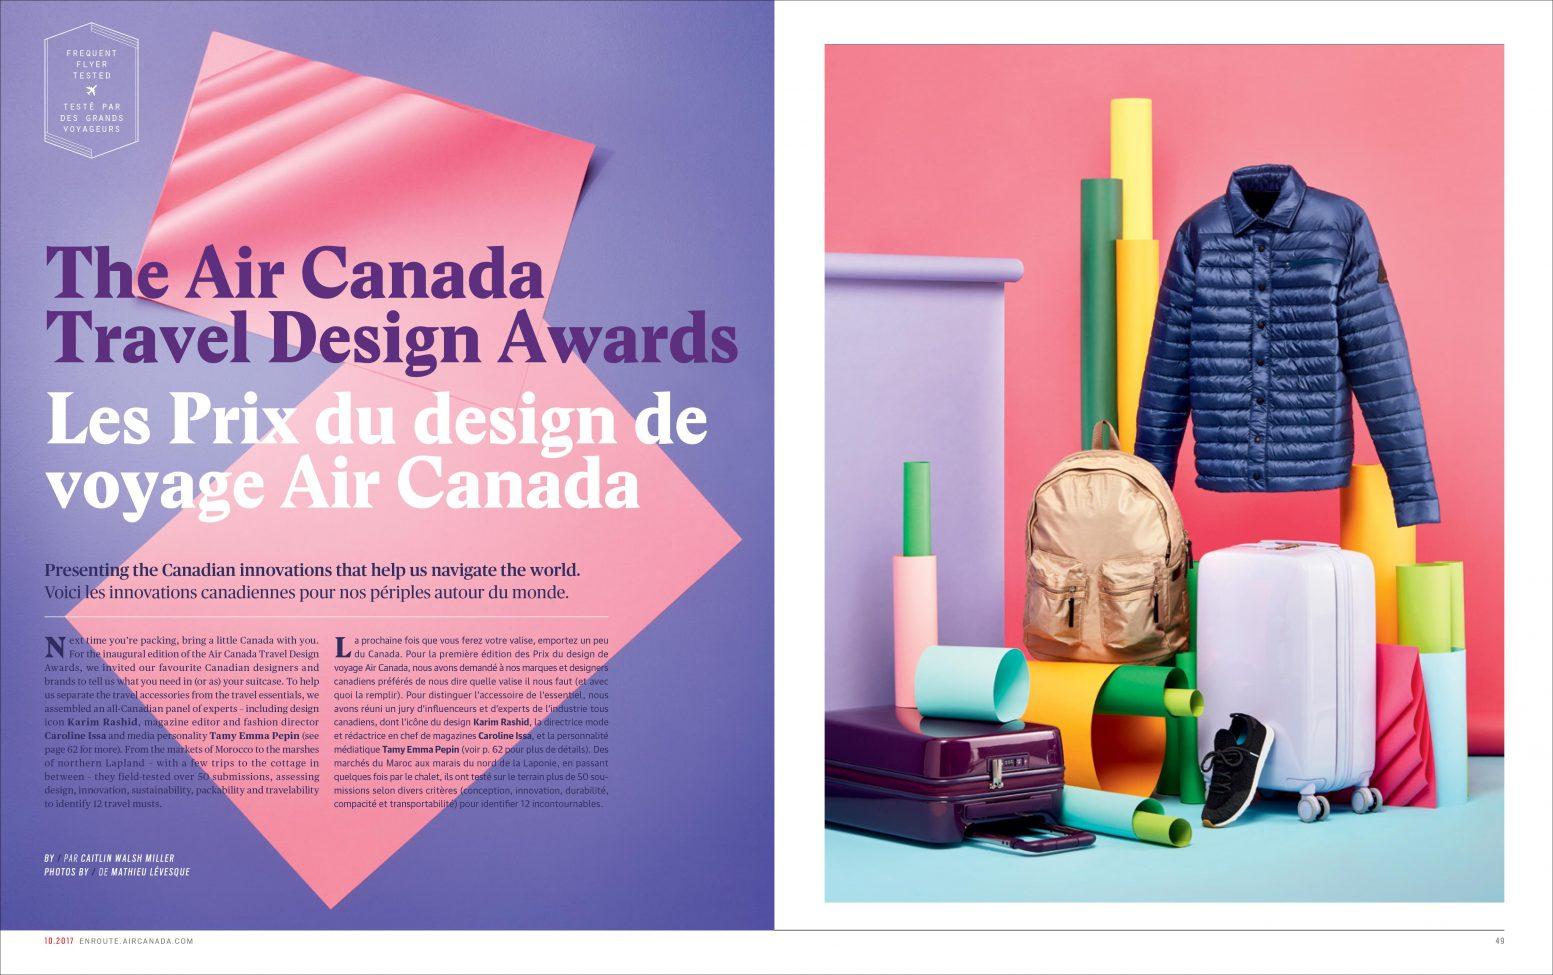 les prix du design de voyage air canada enroute septembre 2018